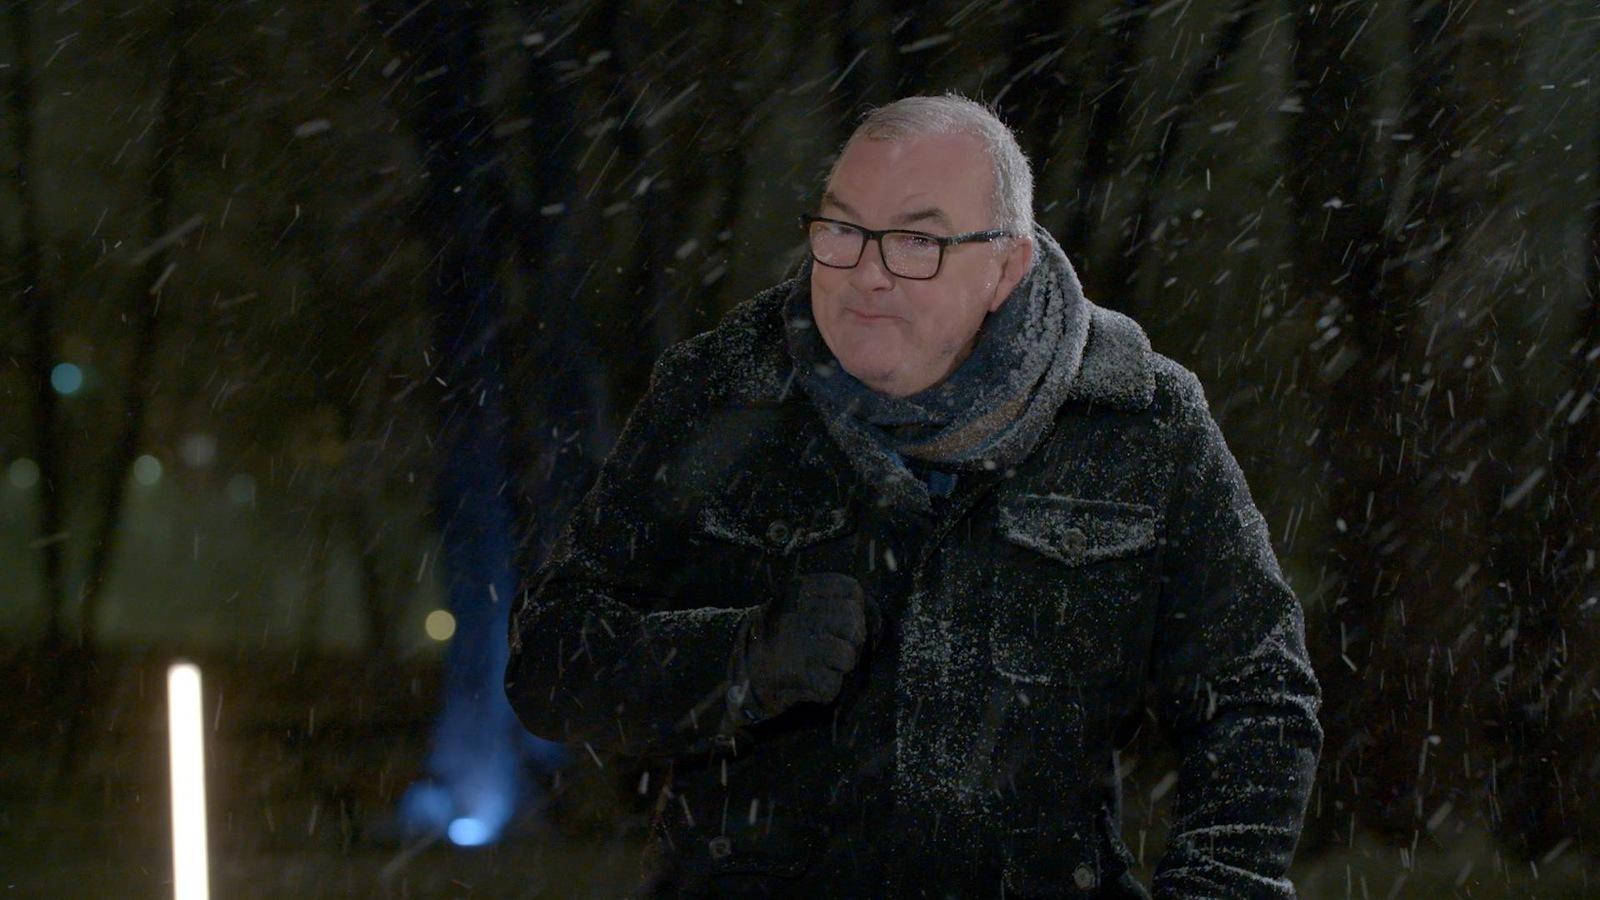 Il est dehors le soir sous la neige qui tombe.